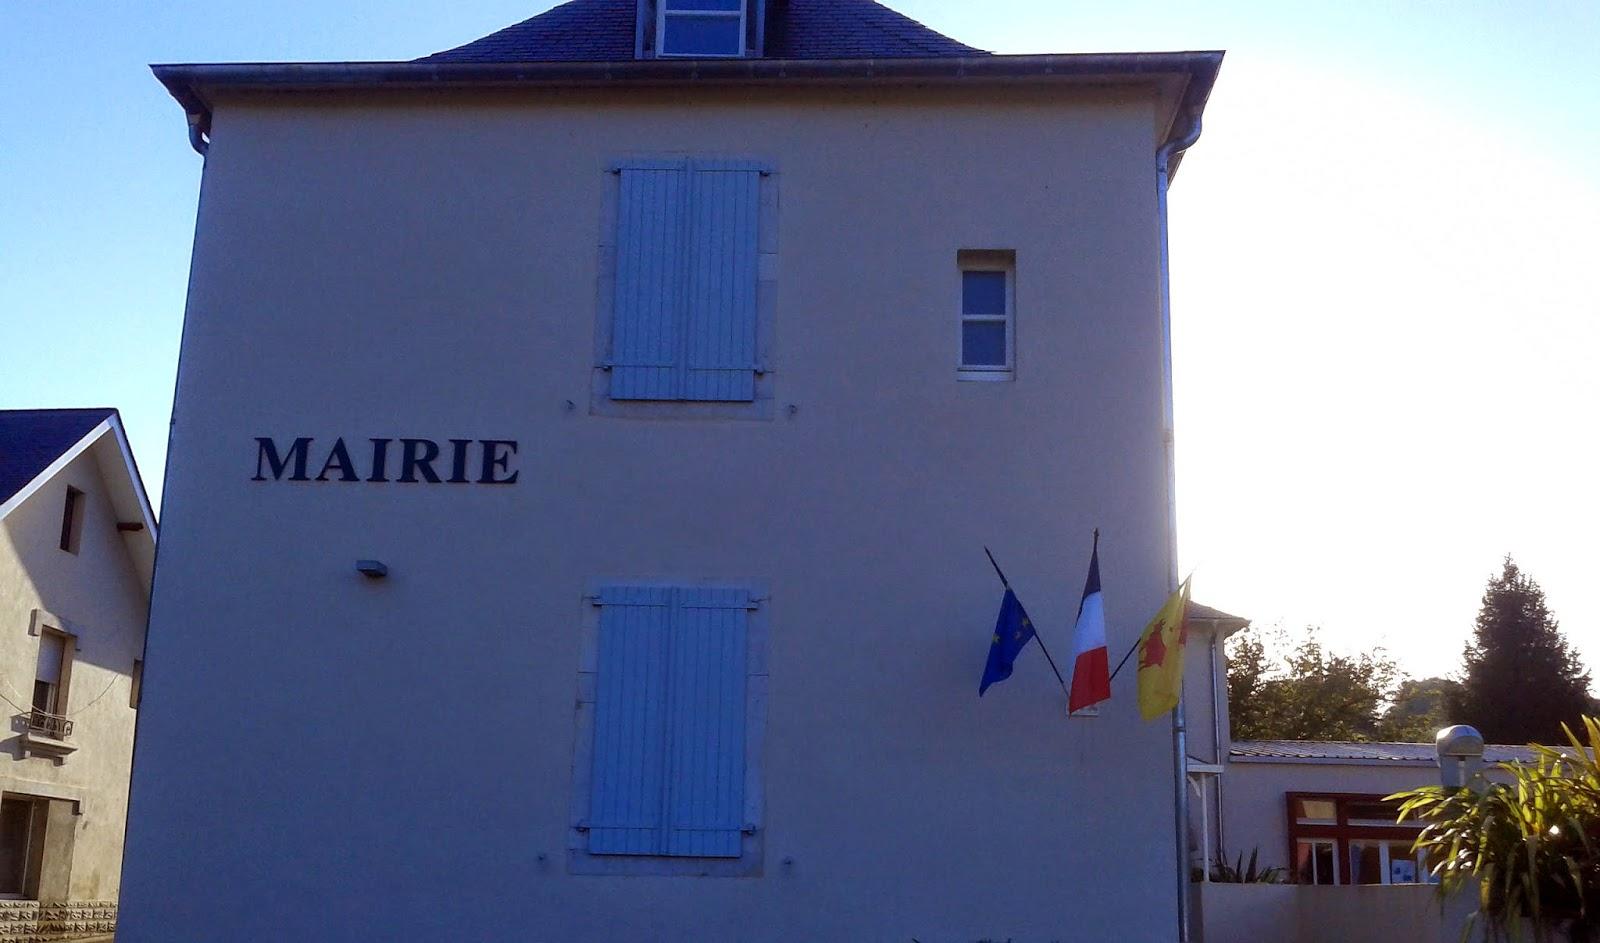 Biarn toust m b arn toujours affichons notre identit - Office du tourisme pyrenees atlantiques ...